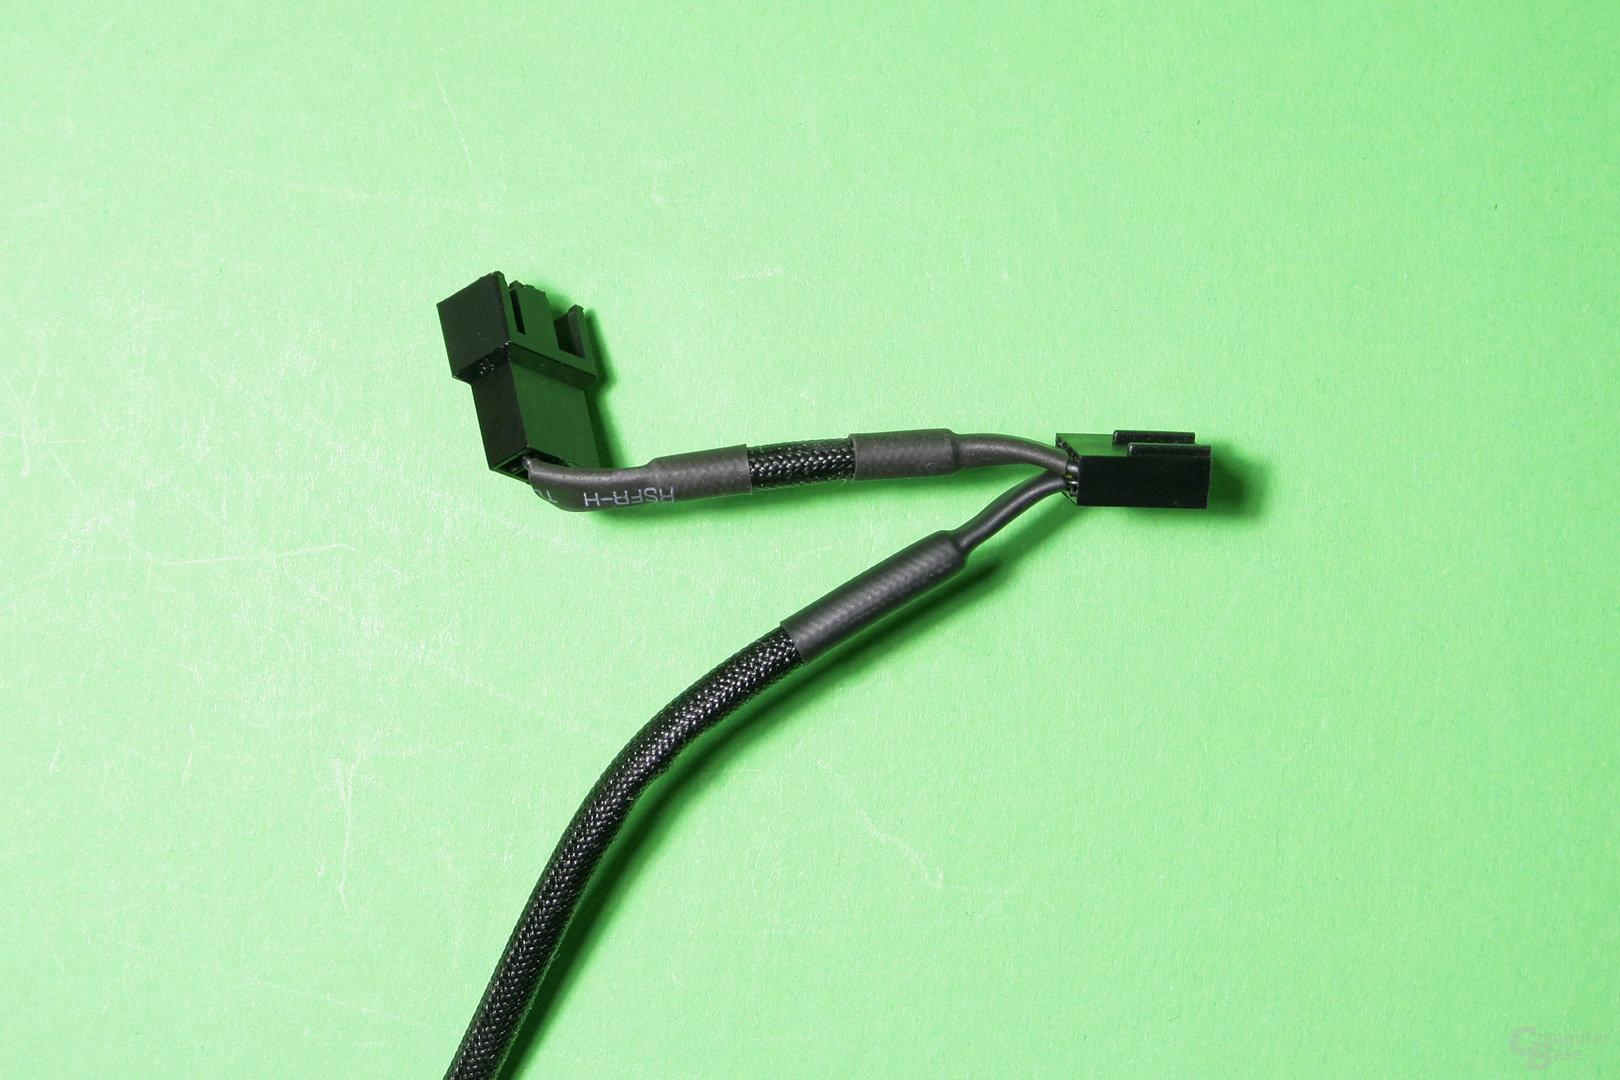 Der Lüfter verfügt über eine Y-Weiche zum Anschluss eines zweiten Ventilators